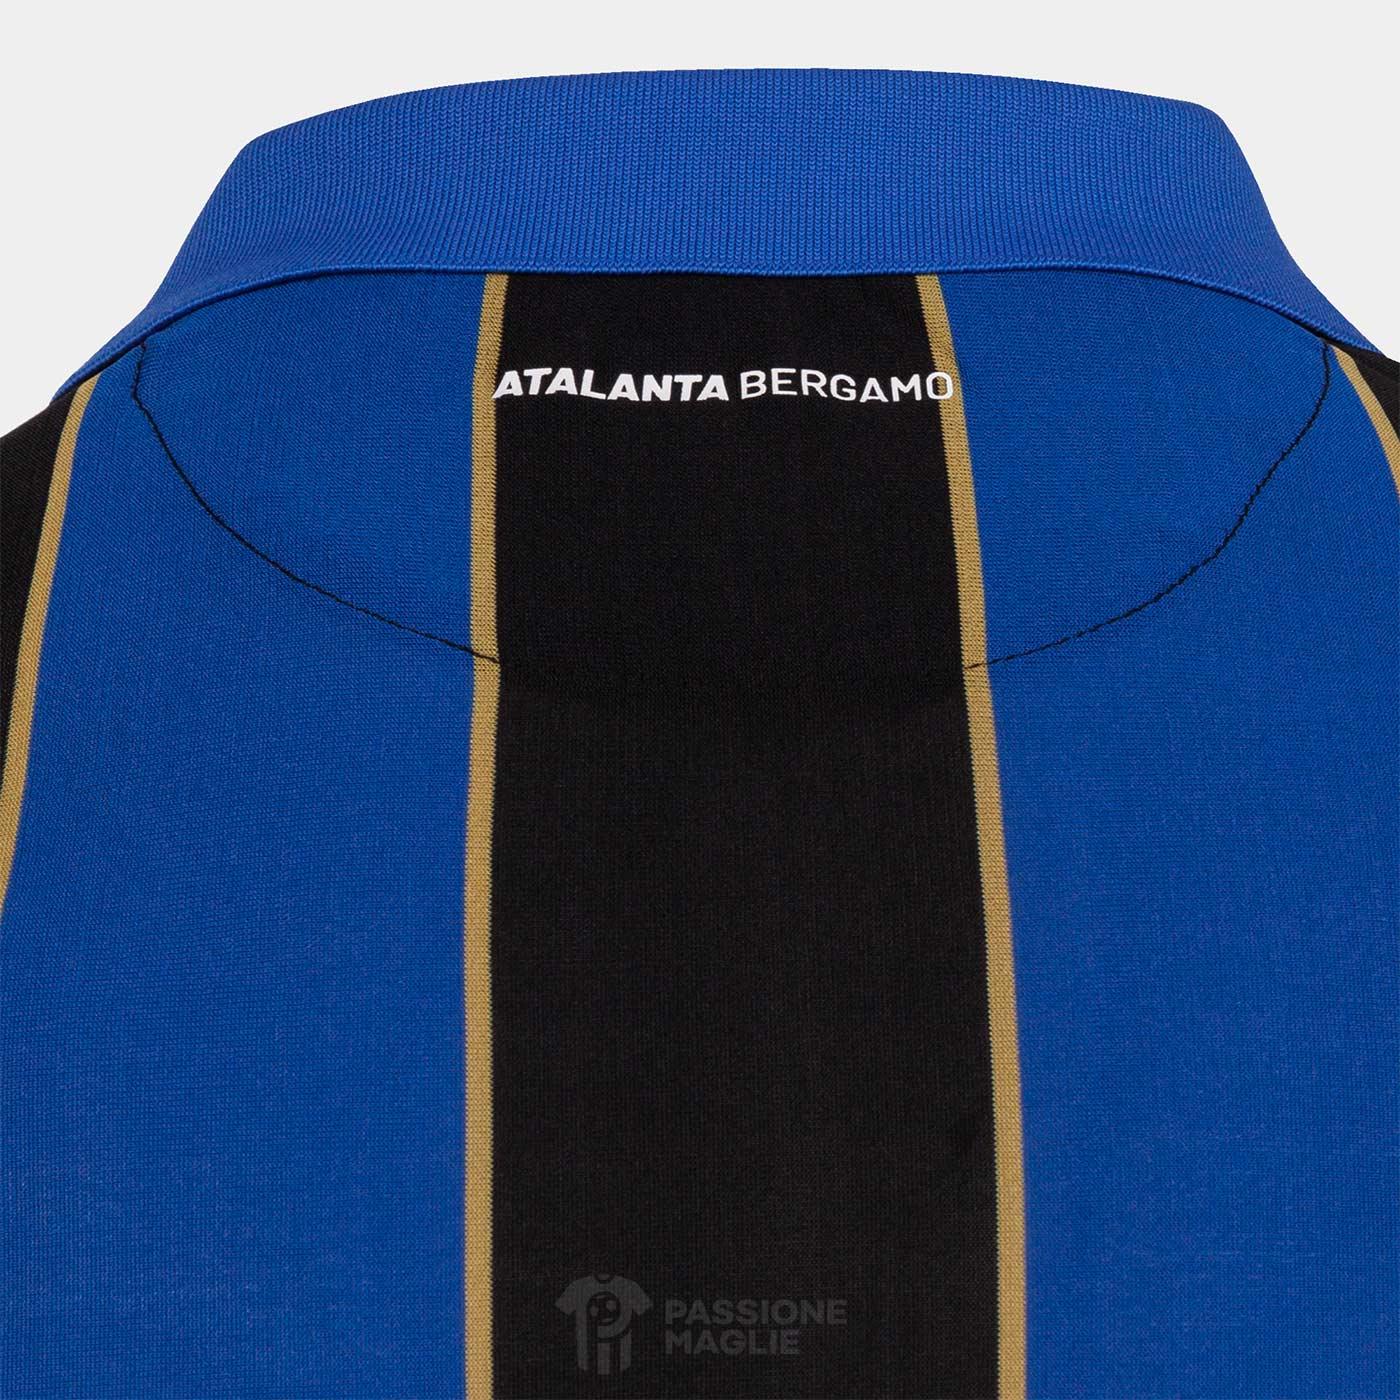 Atalanta Bergamo retro collo scritta